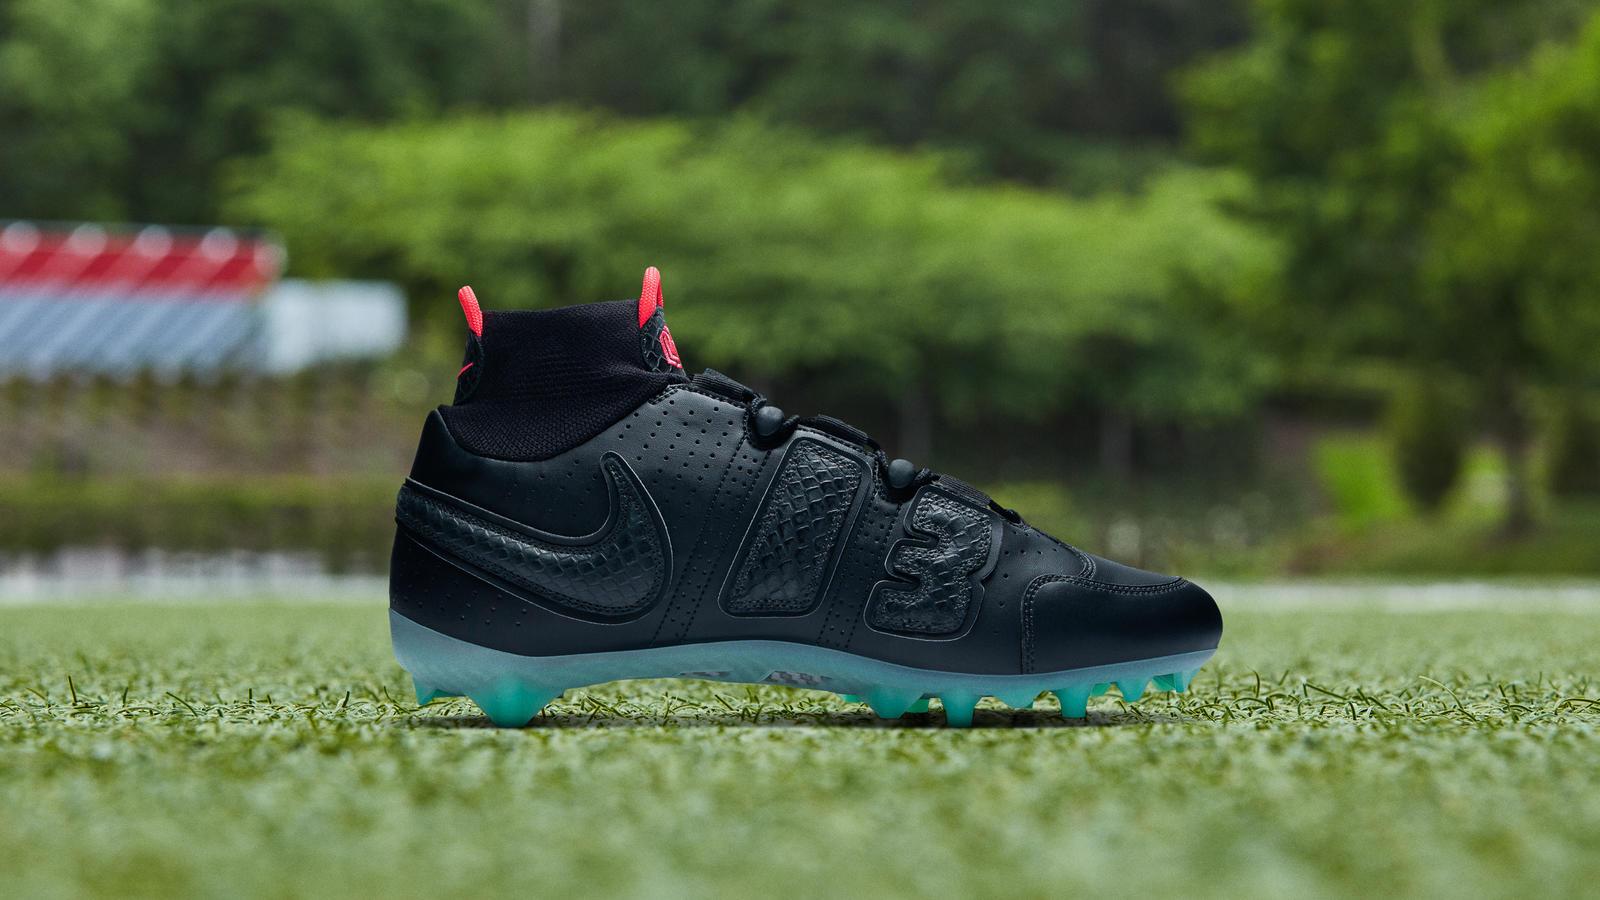 Nike Odell Beckham Jr. Pregame Cleats 2019-20 Season 1